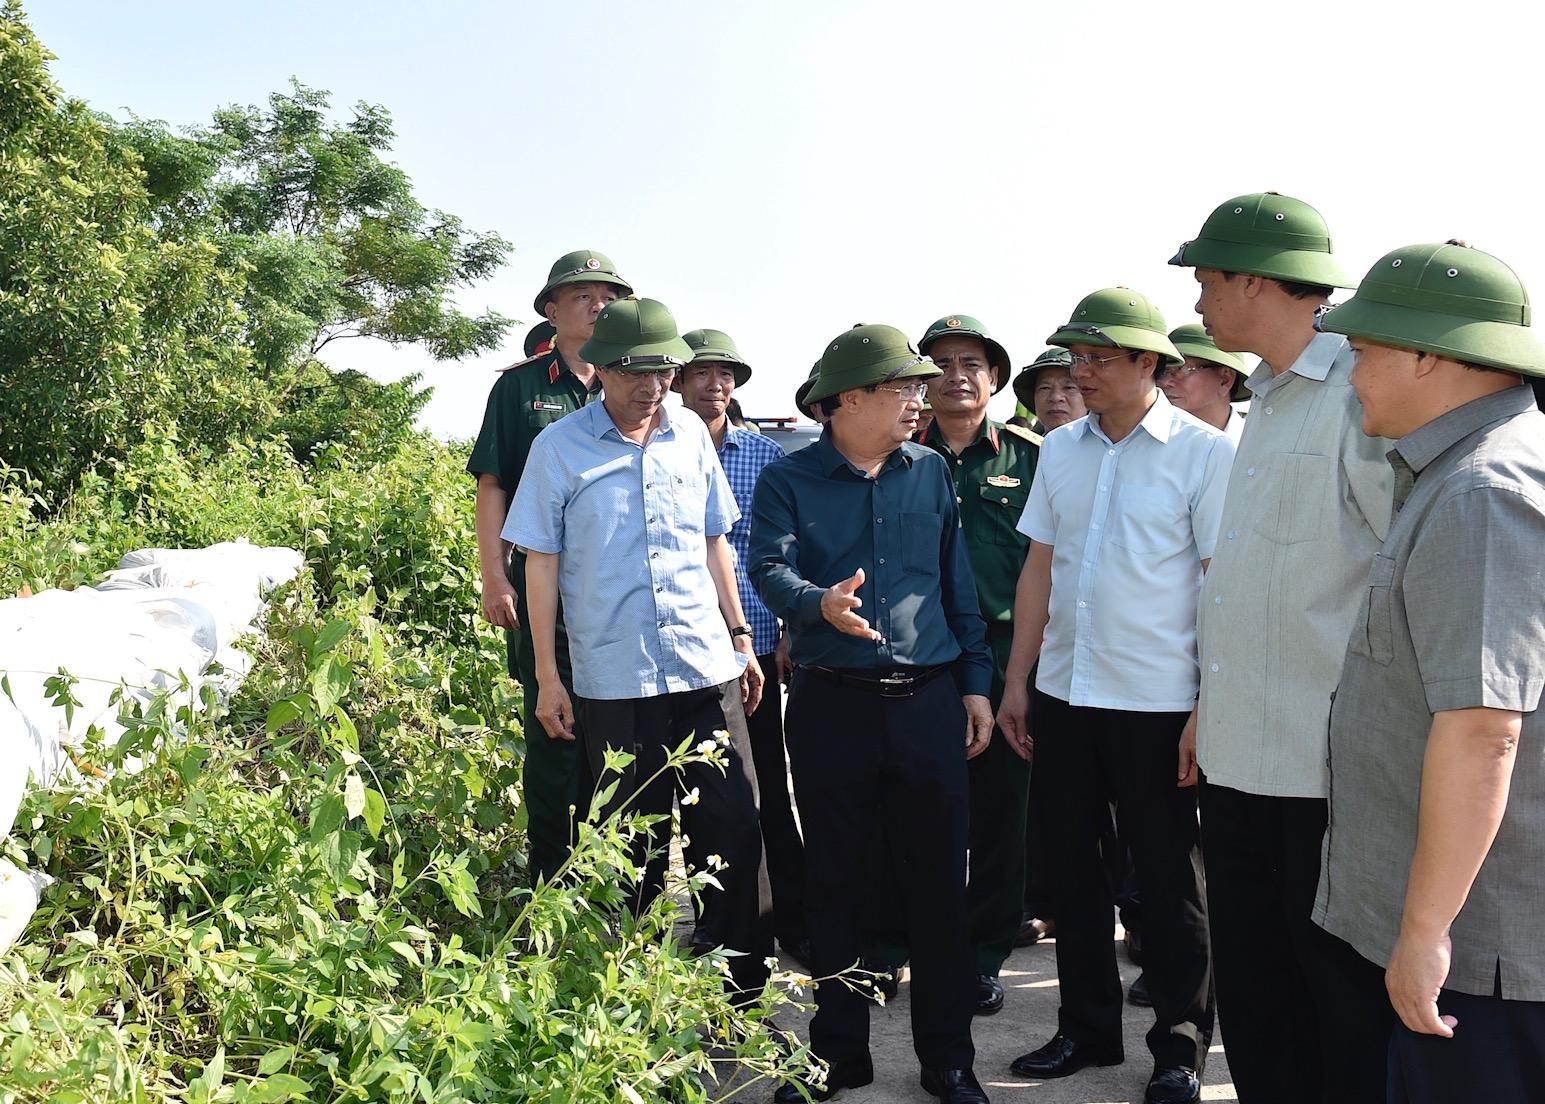 pho thu tuong tuyet doi khong chu quan khi ung pho voi bao so 6